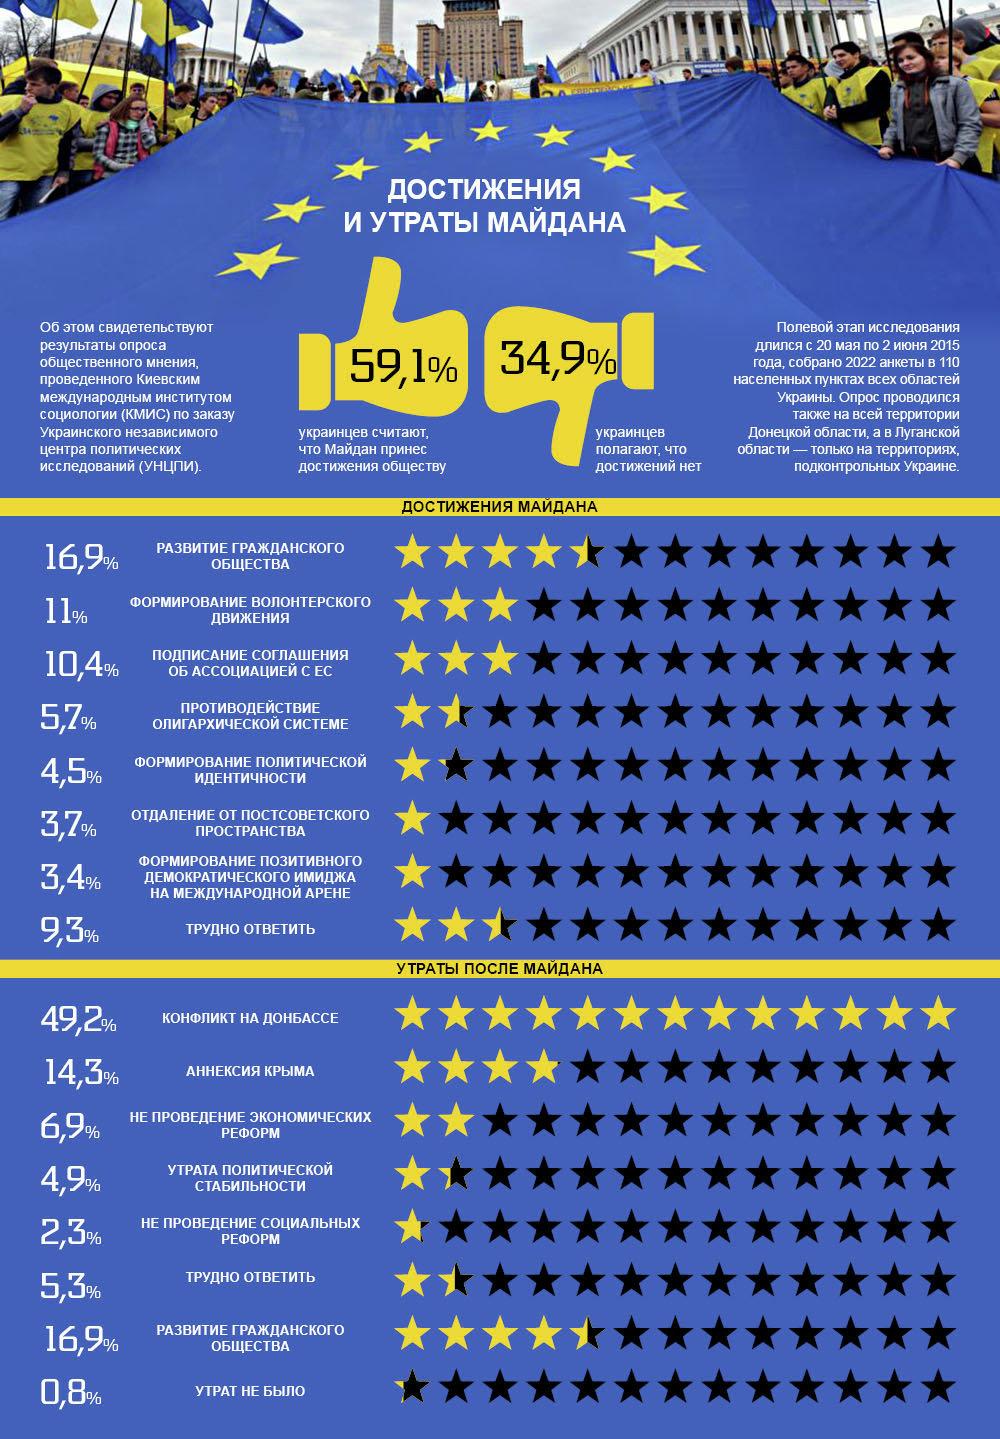 Достижения и утраты Майдана. Инфографика